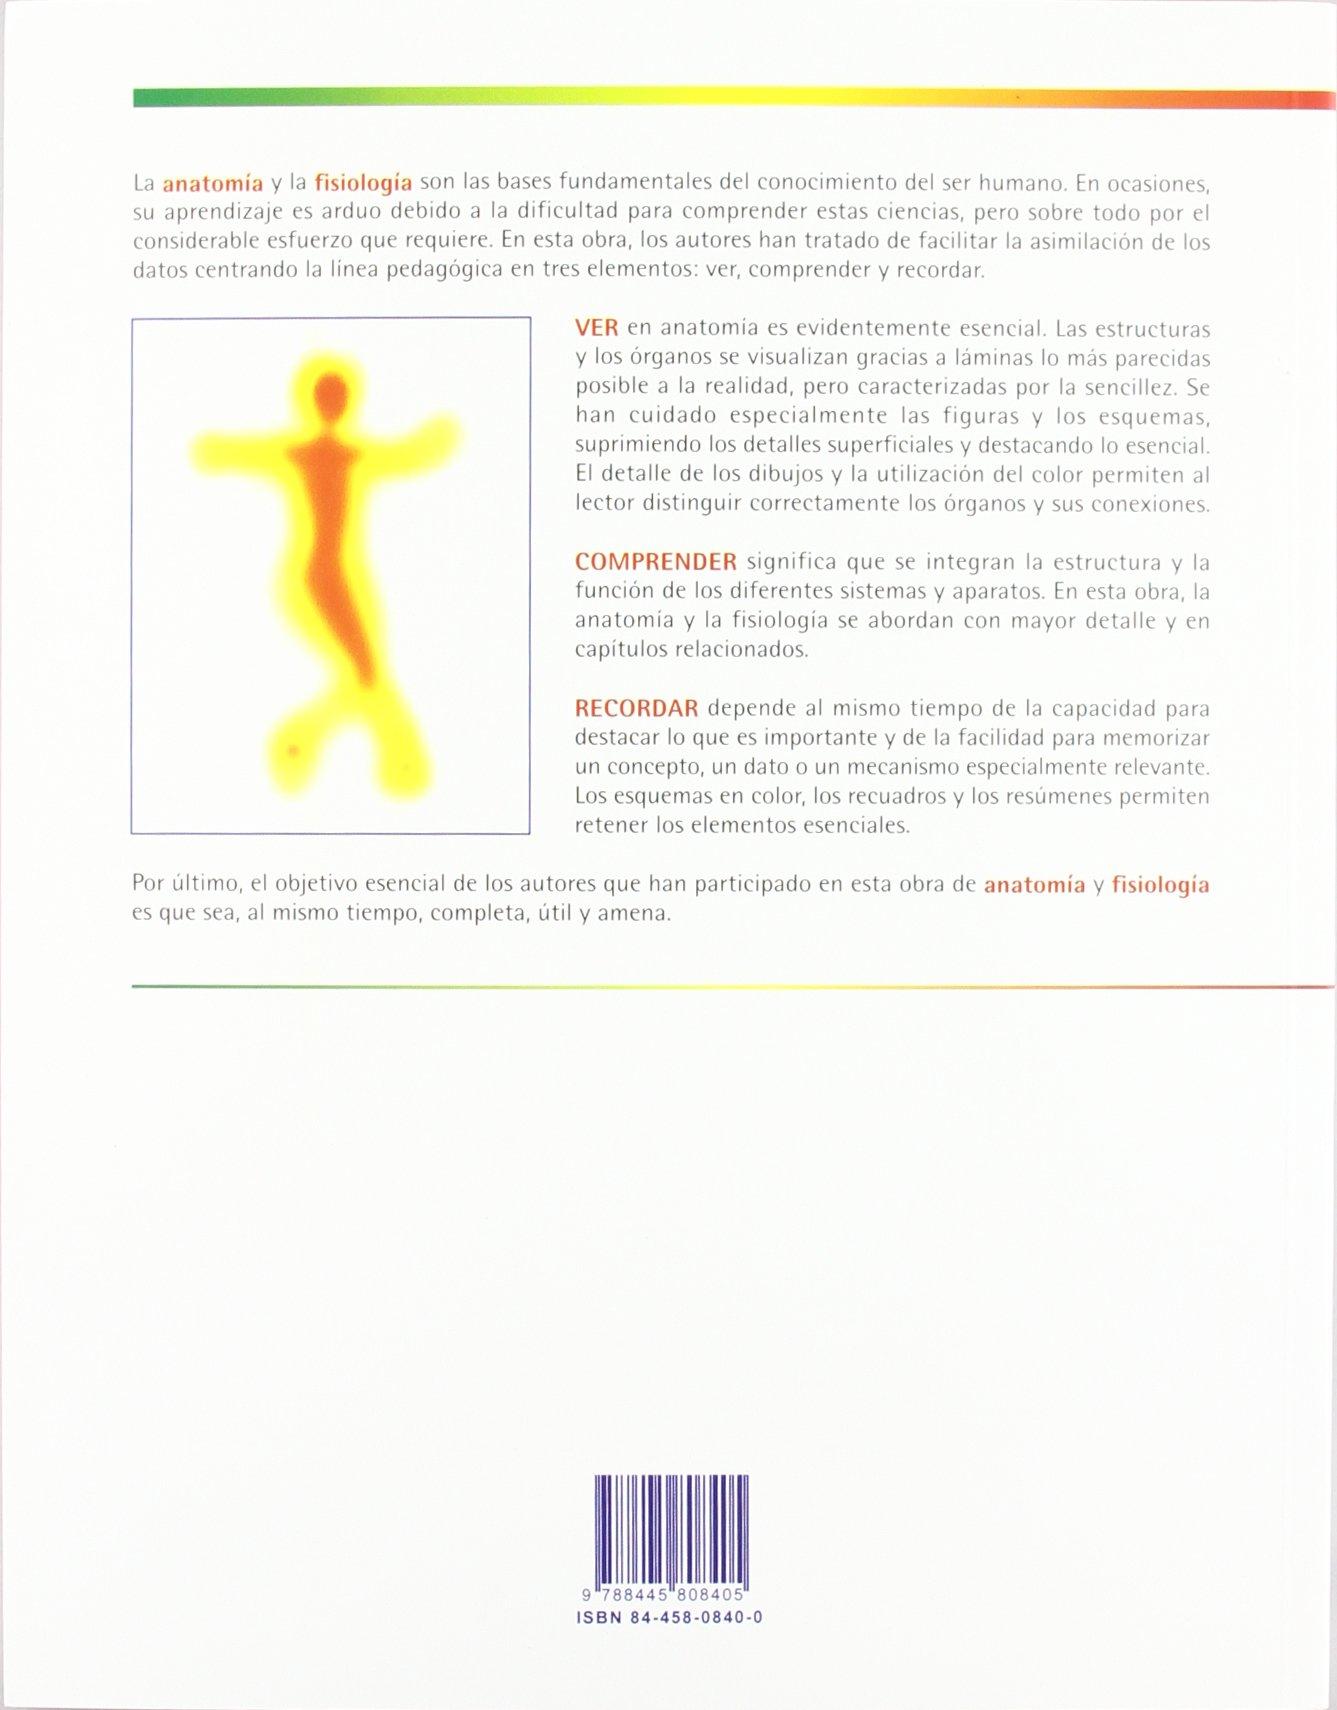 Anatomo-fisiología: Amazon.es: L. Perlemuter: Libros